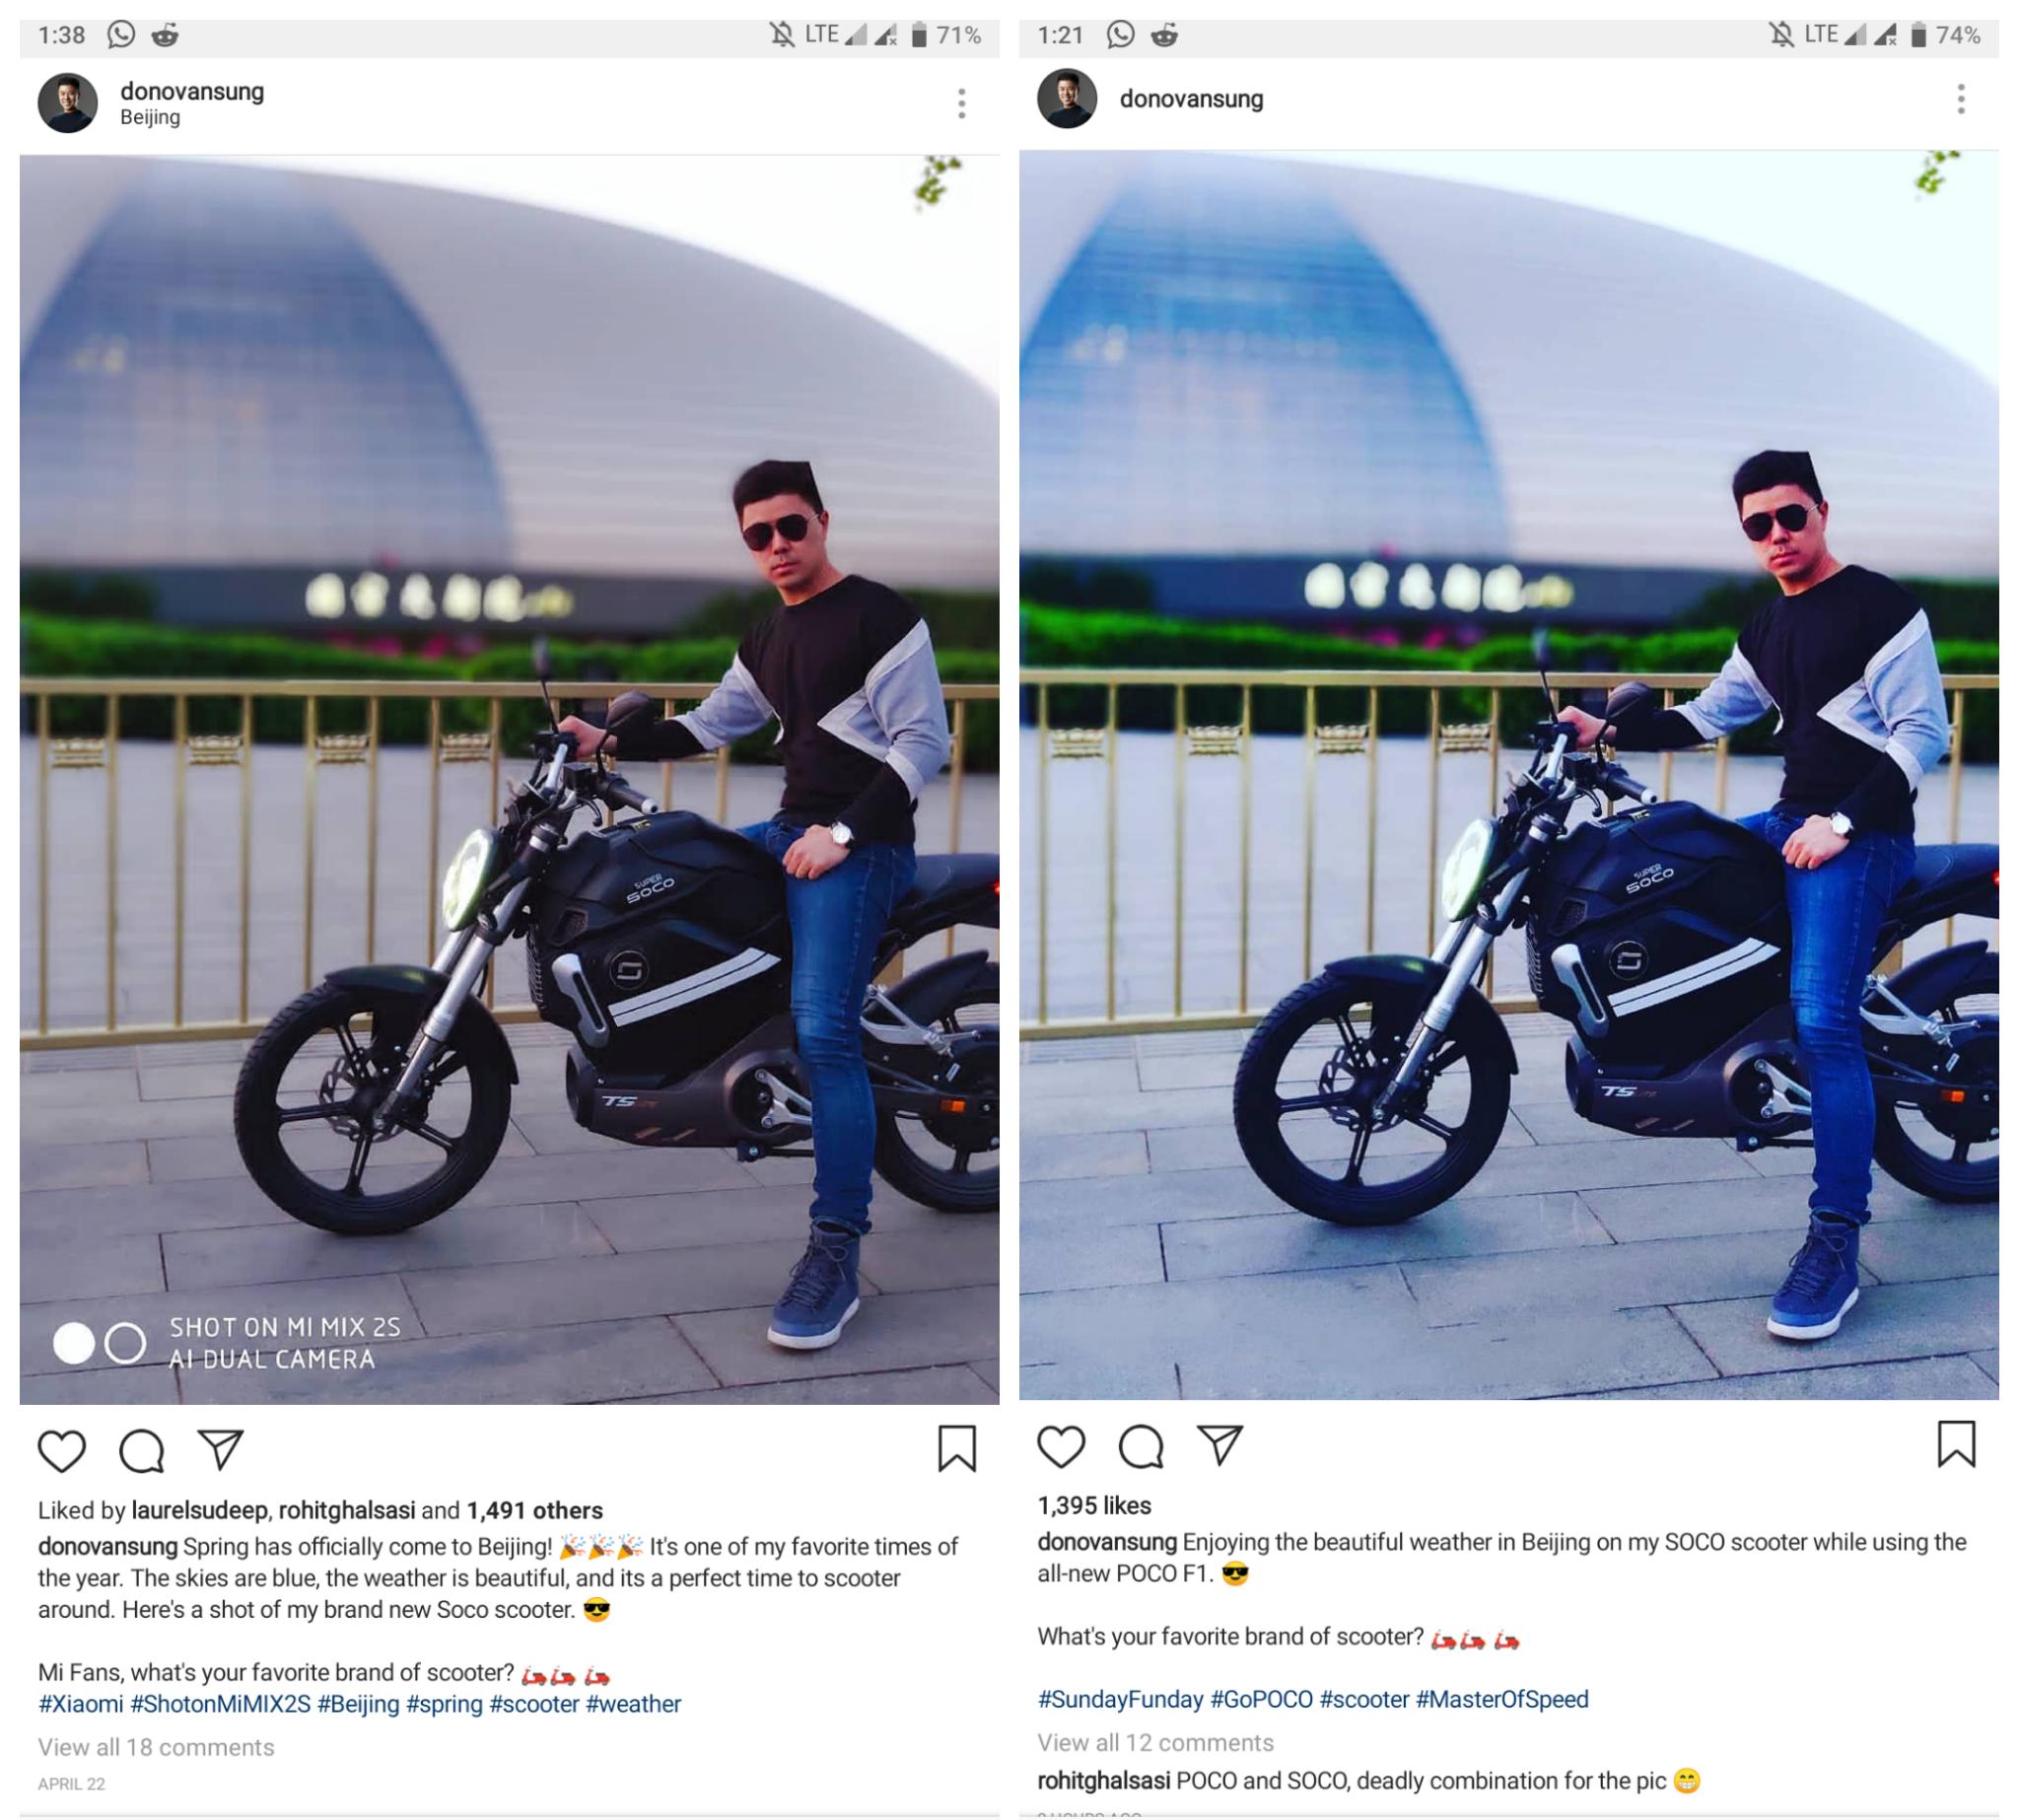 Пресс-секретарь подставил Xiaomi с поддельным снимком на камеру Pocophone F1